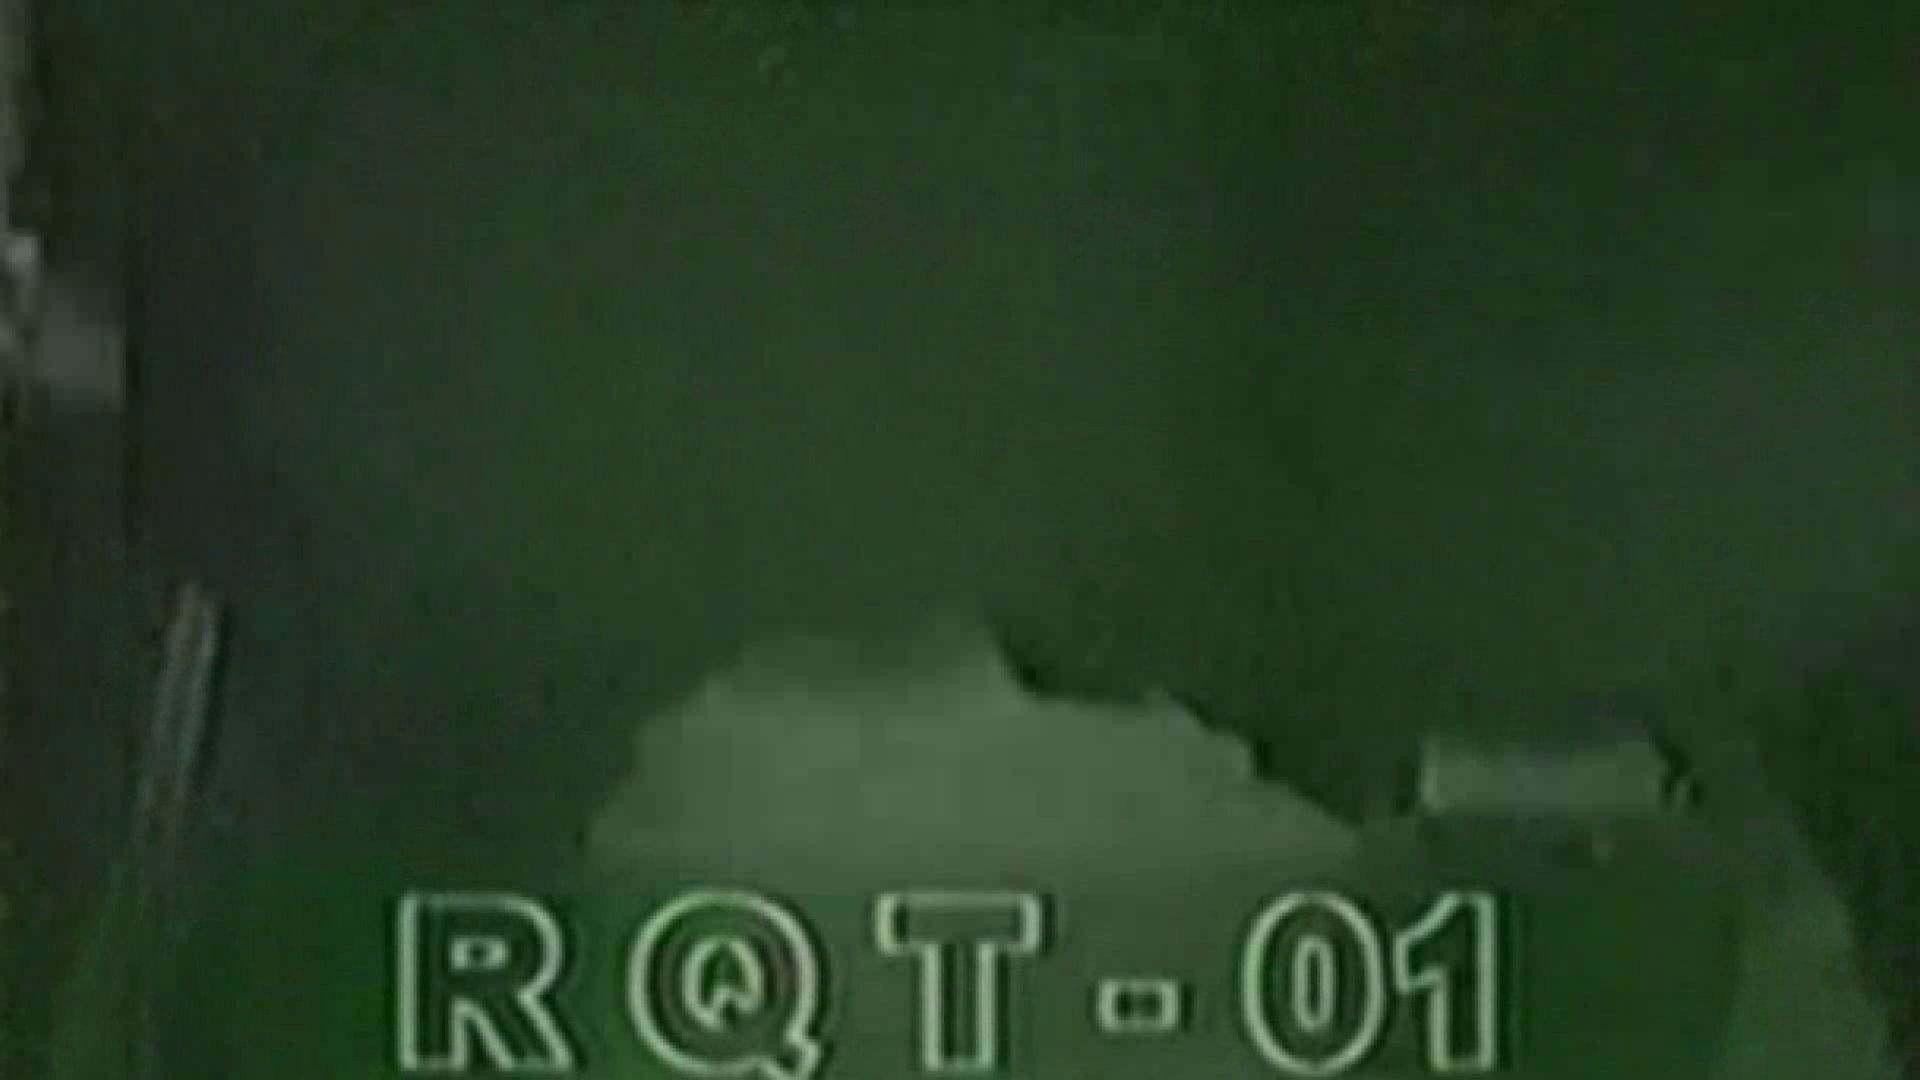 お姉さんの恥便所盗撮! Vol.2 レースクイーンエロ画像 盗撮われめAV動画紹介 89PICs 49